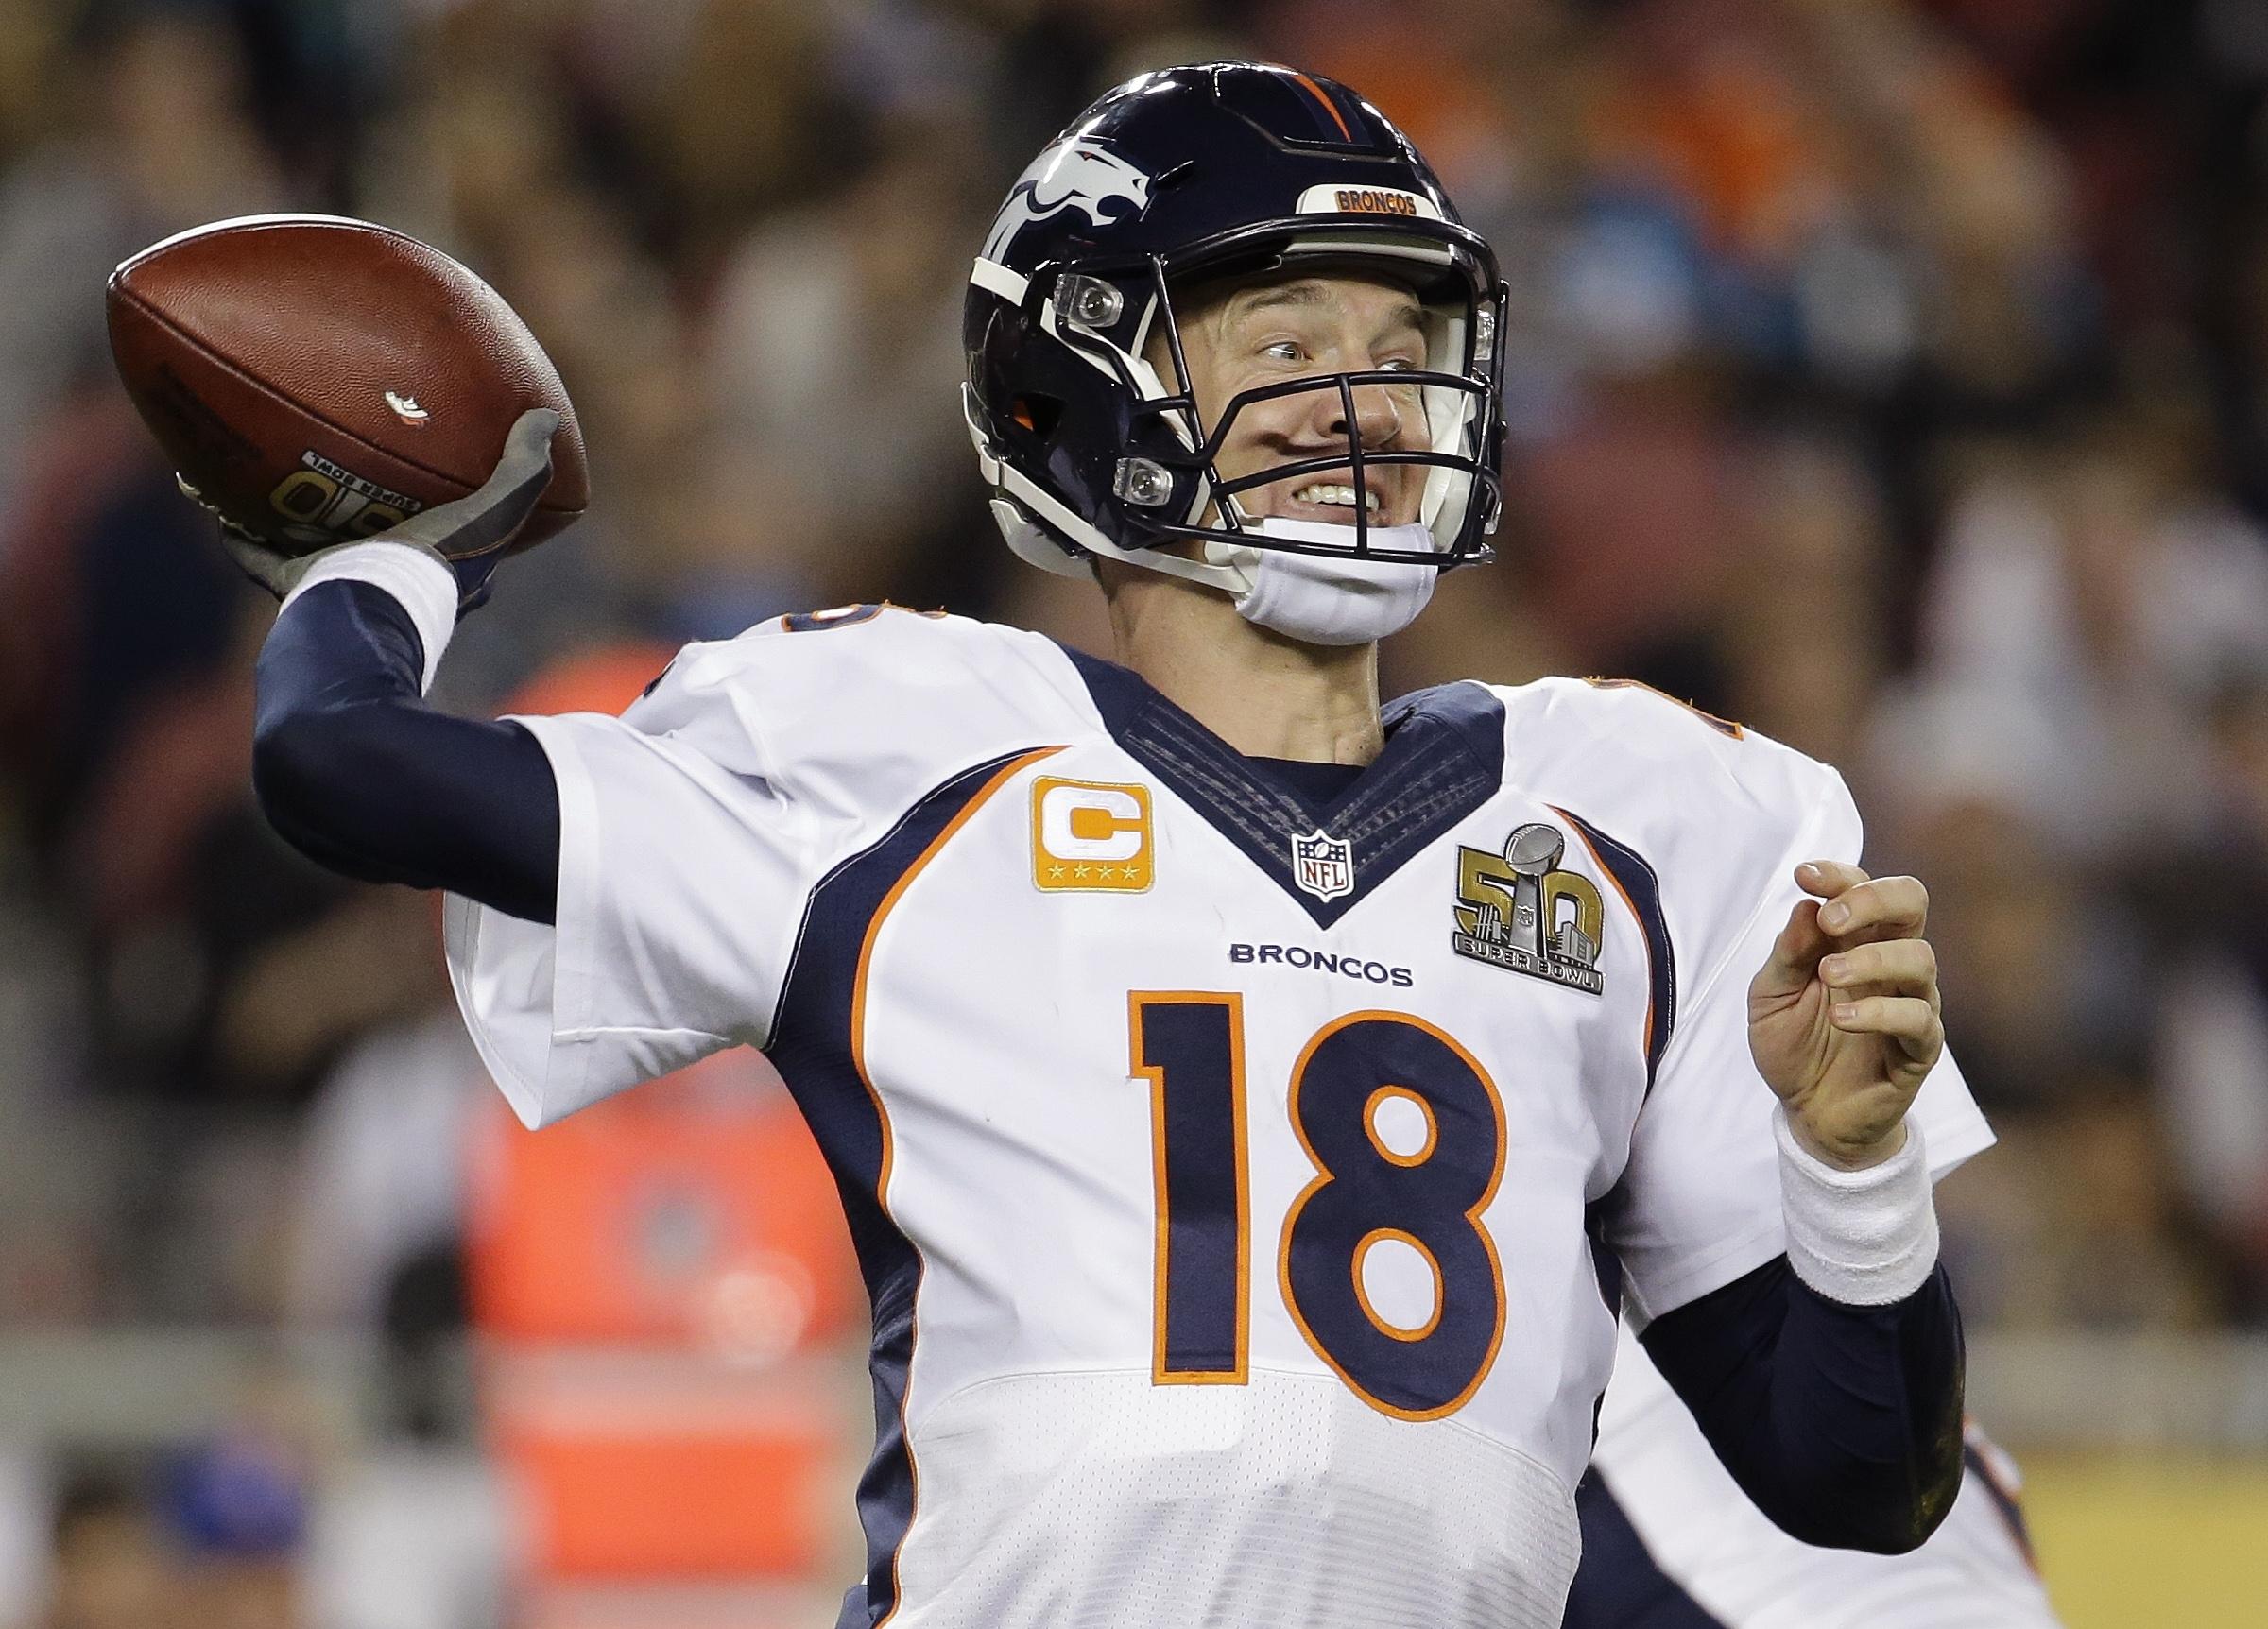 Super Bowl 50: Carolina Panthers, Denver Broncos Battle For regarding Broncos Super Bowl 50